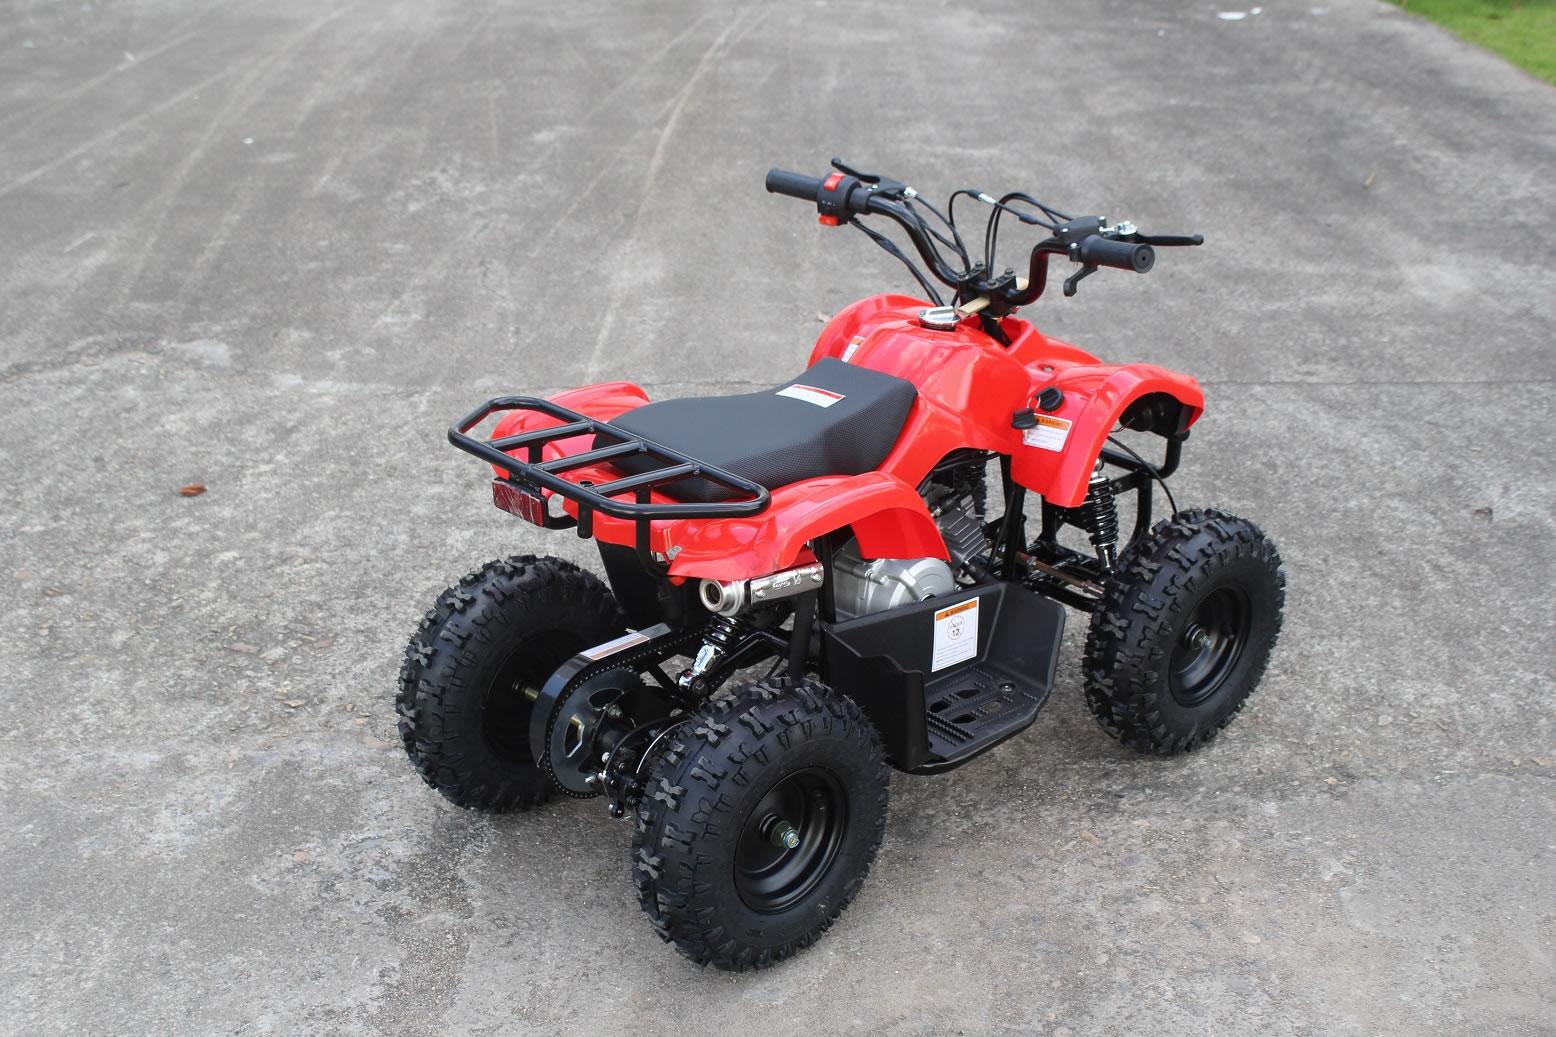 Atvs 60cc Super Mini Blazer Kids Atv Auto Epa Pbc231u Pocket